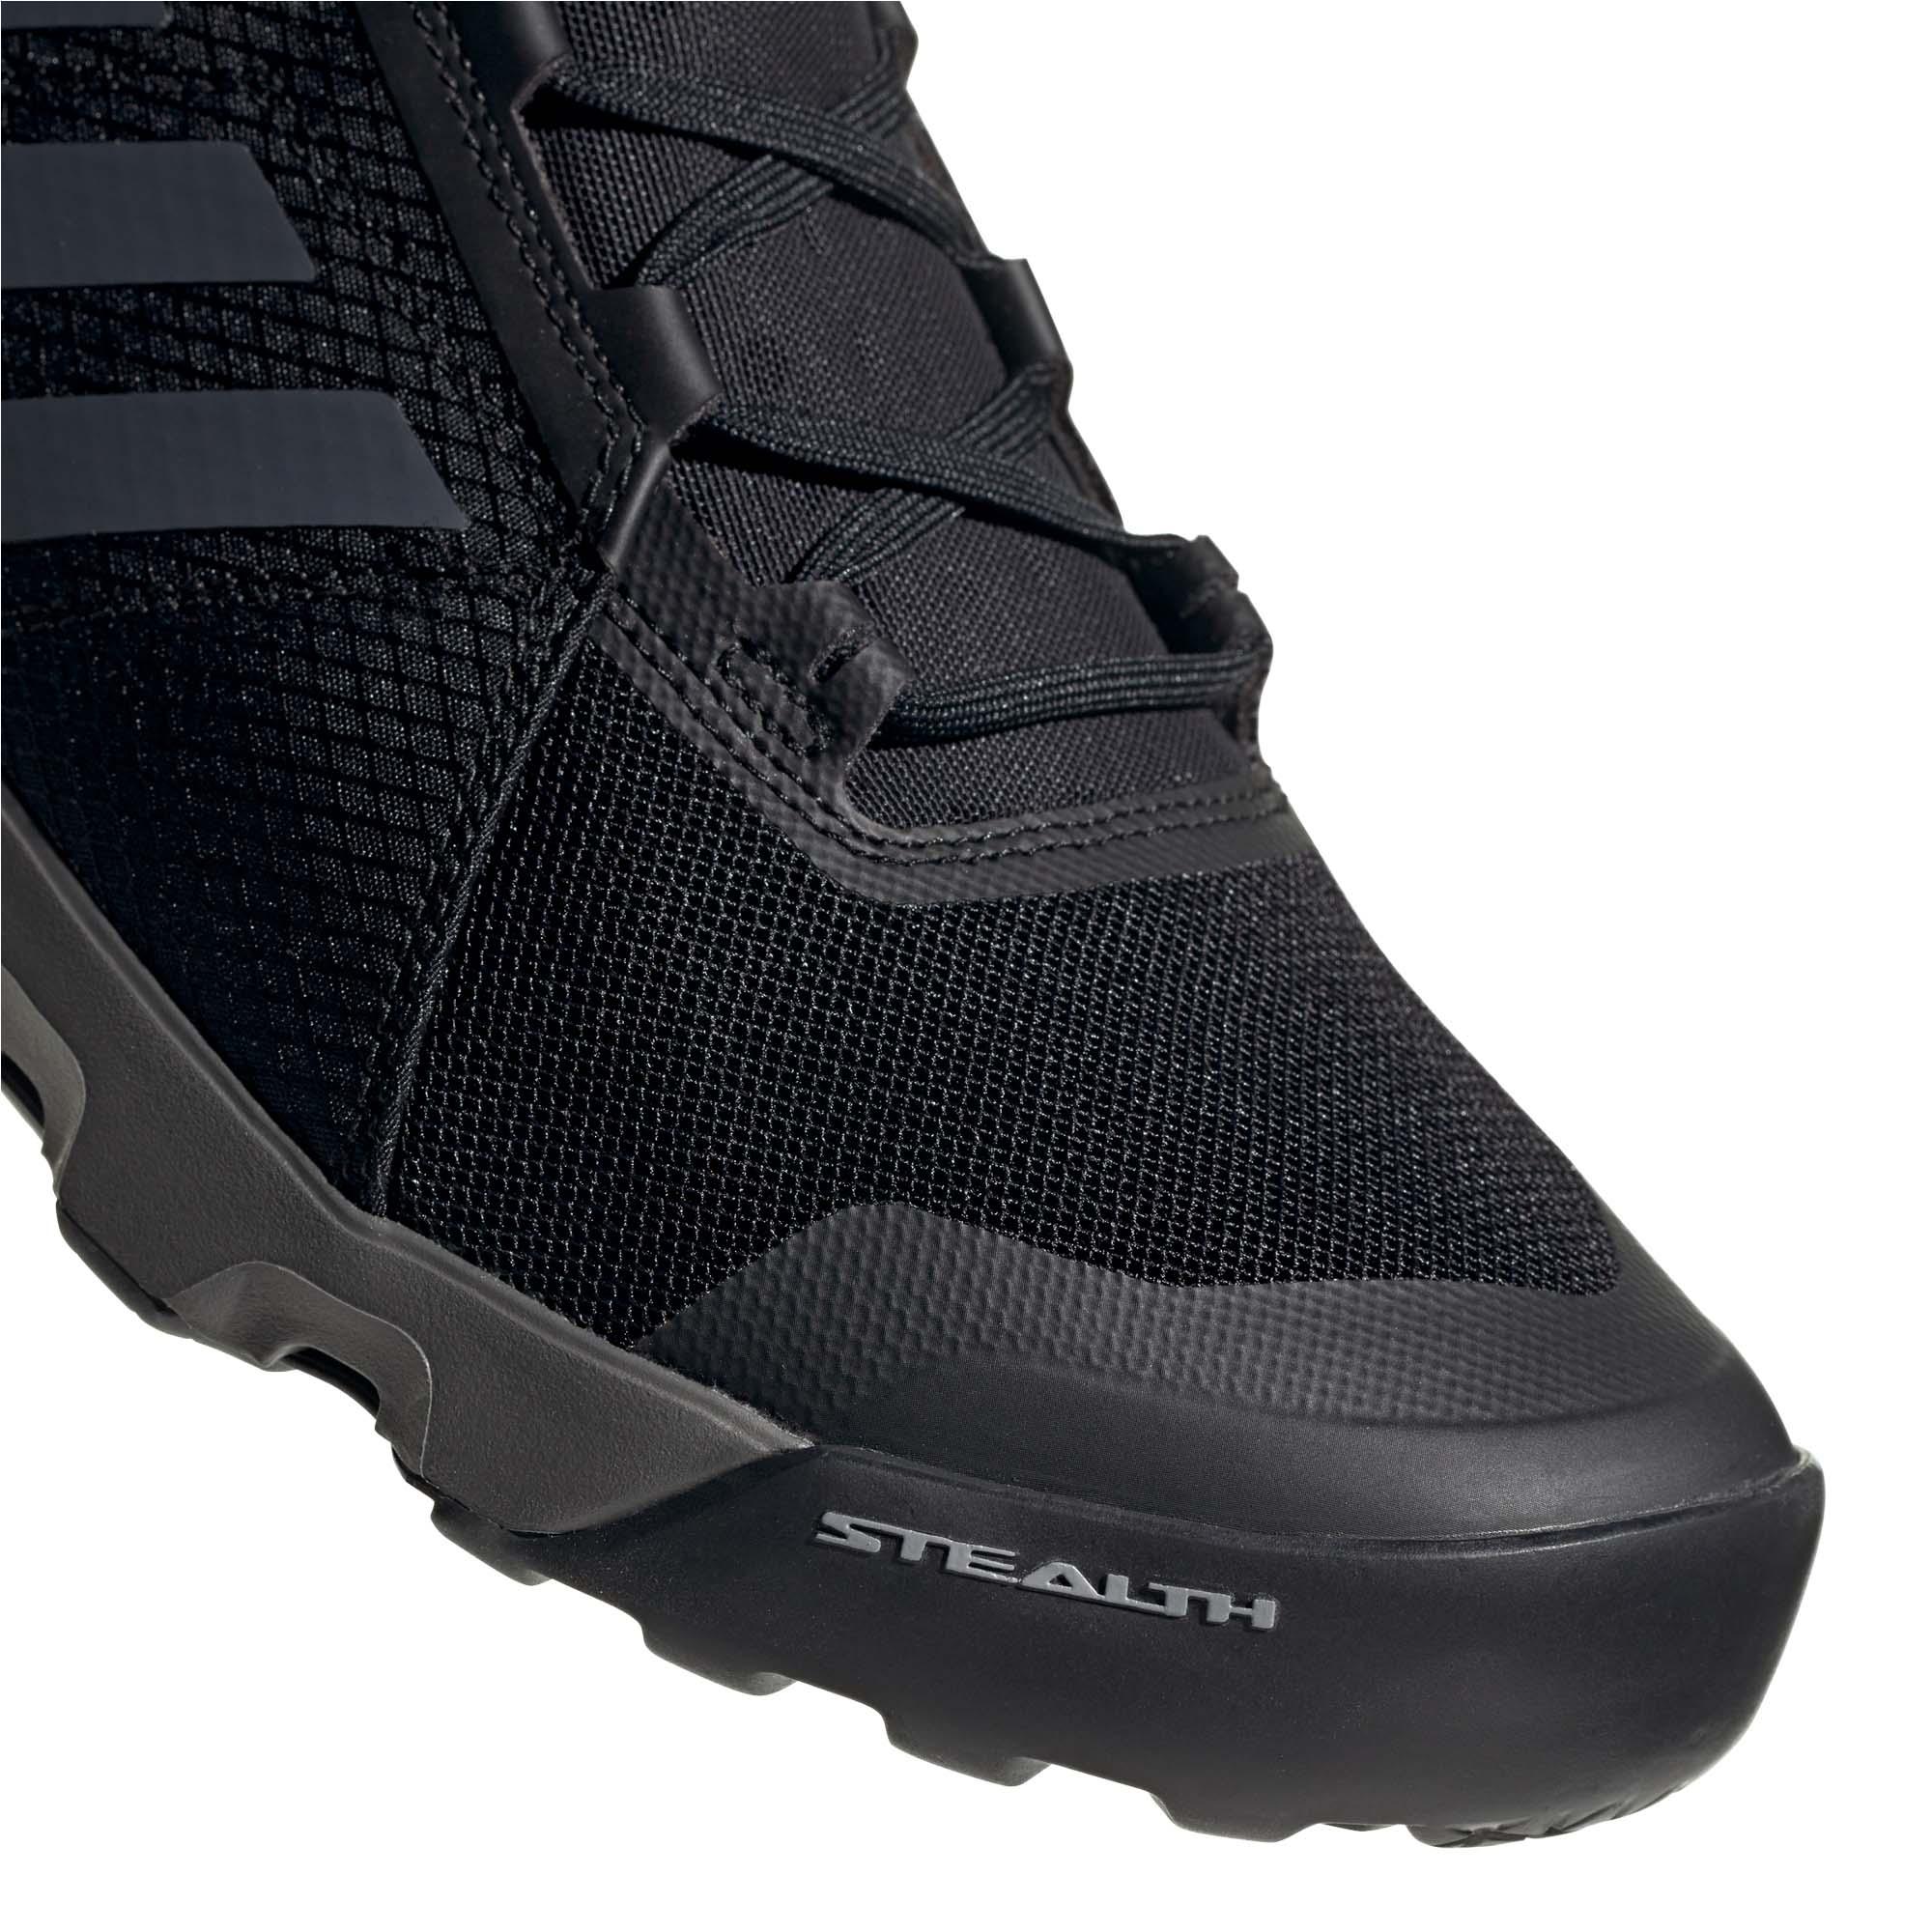 miniatura 10 - ADIDAS Terrex VOYAGER Velocità Da Uomo Scarpa Trail Running Scarpe da ginnastica nero/grigio/rosso